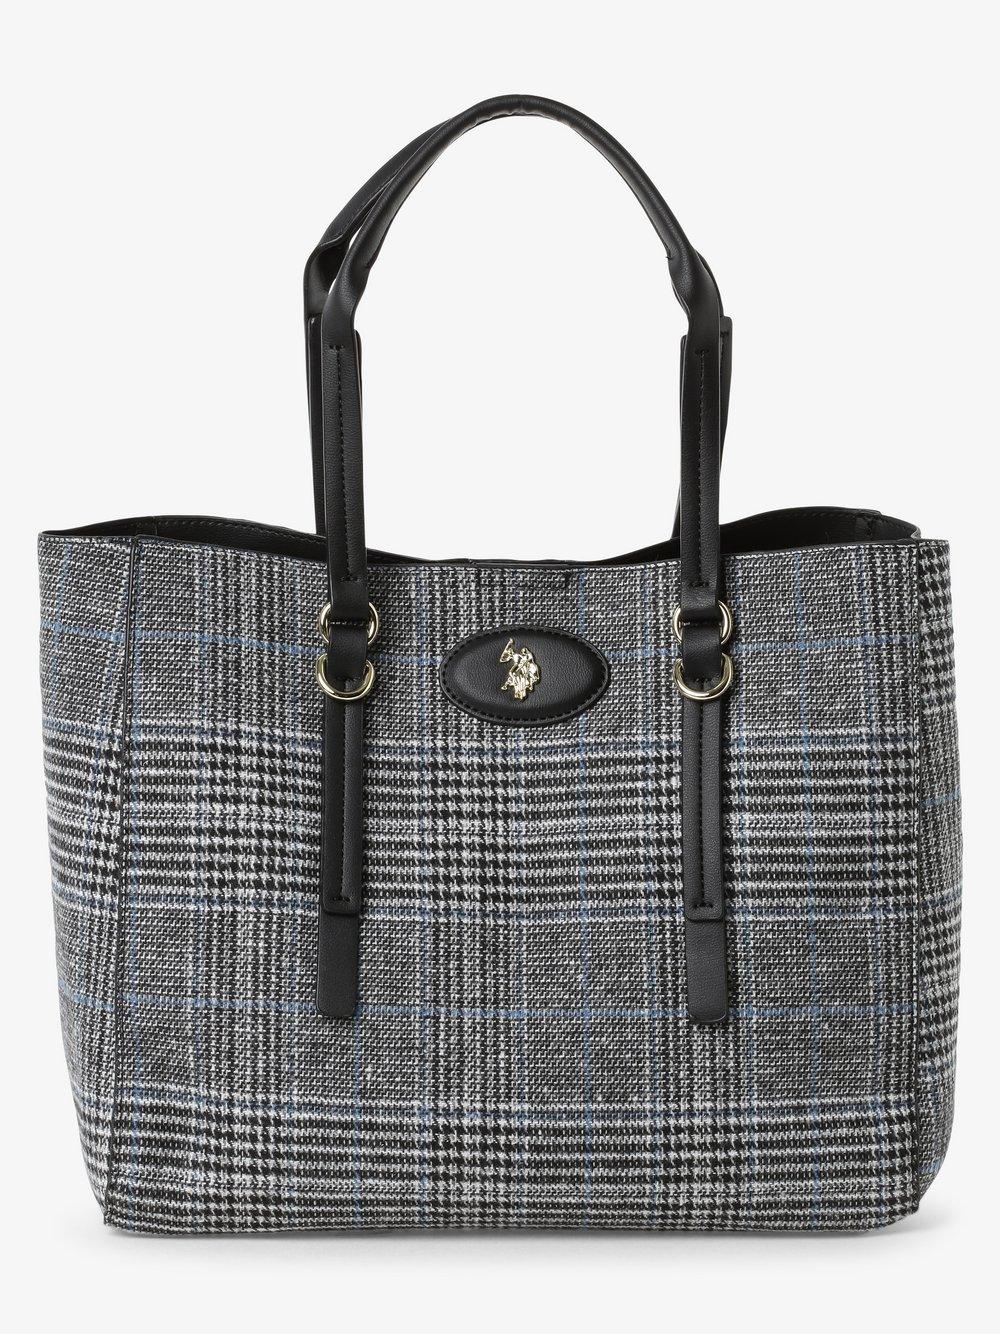 U.S. Polo Assn. – Damska torba shopper z torebką wewnętrzną, czarny Van Graaf 485204-0001-00000